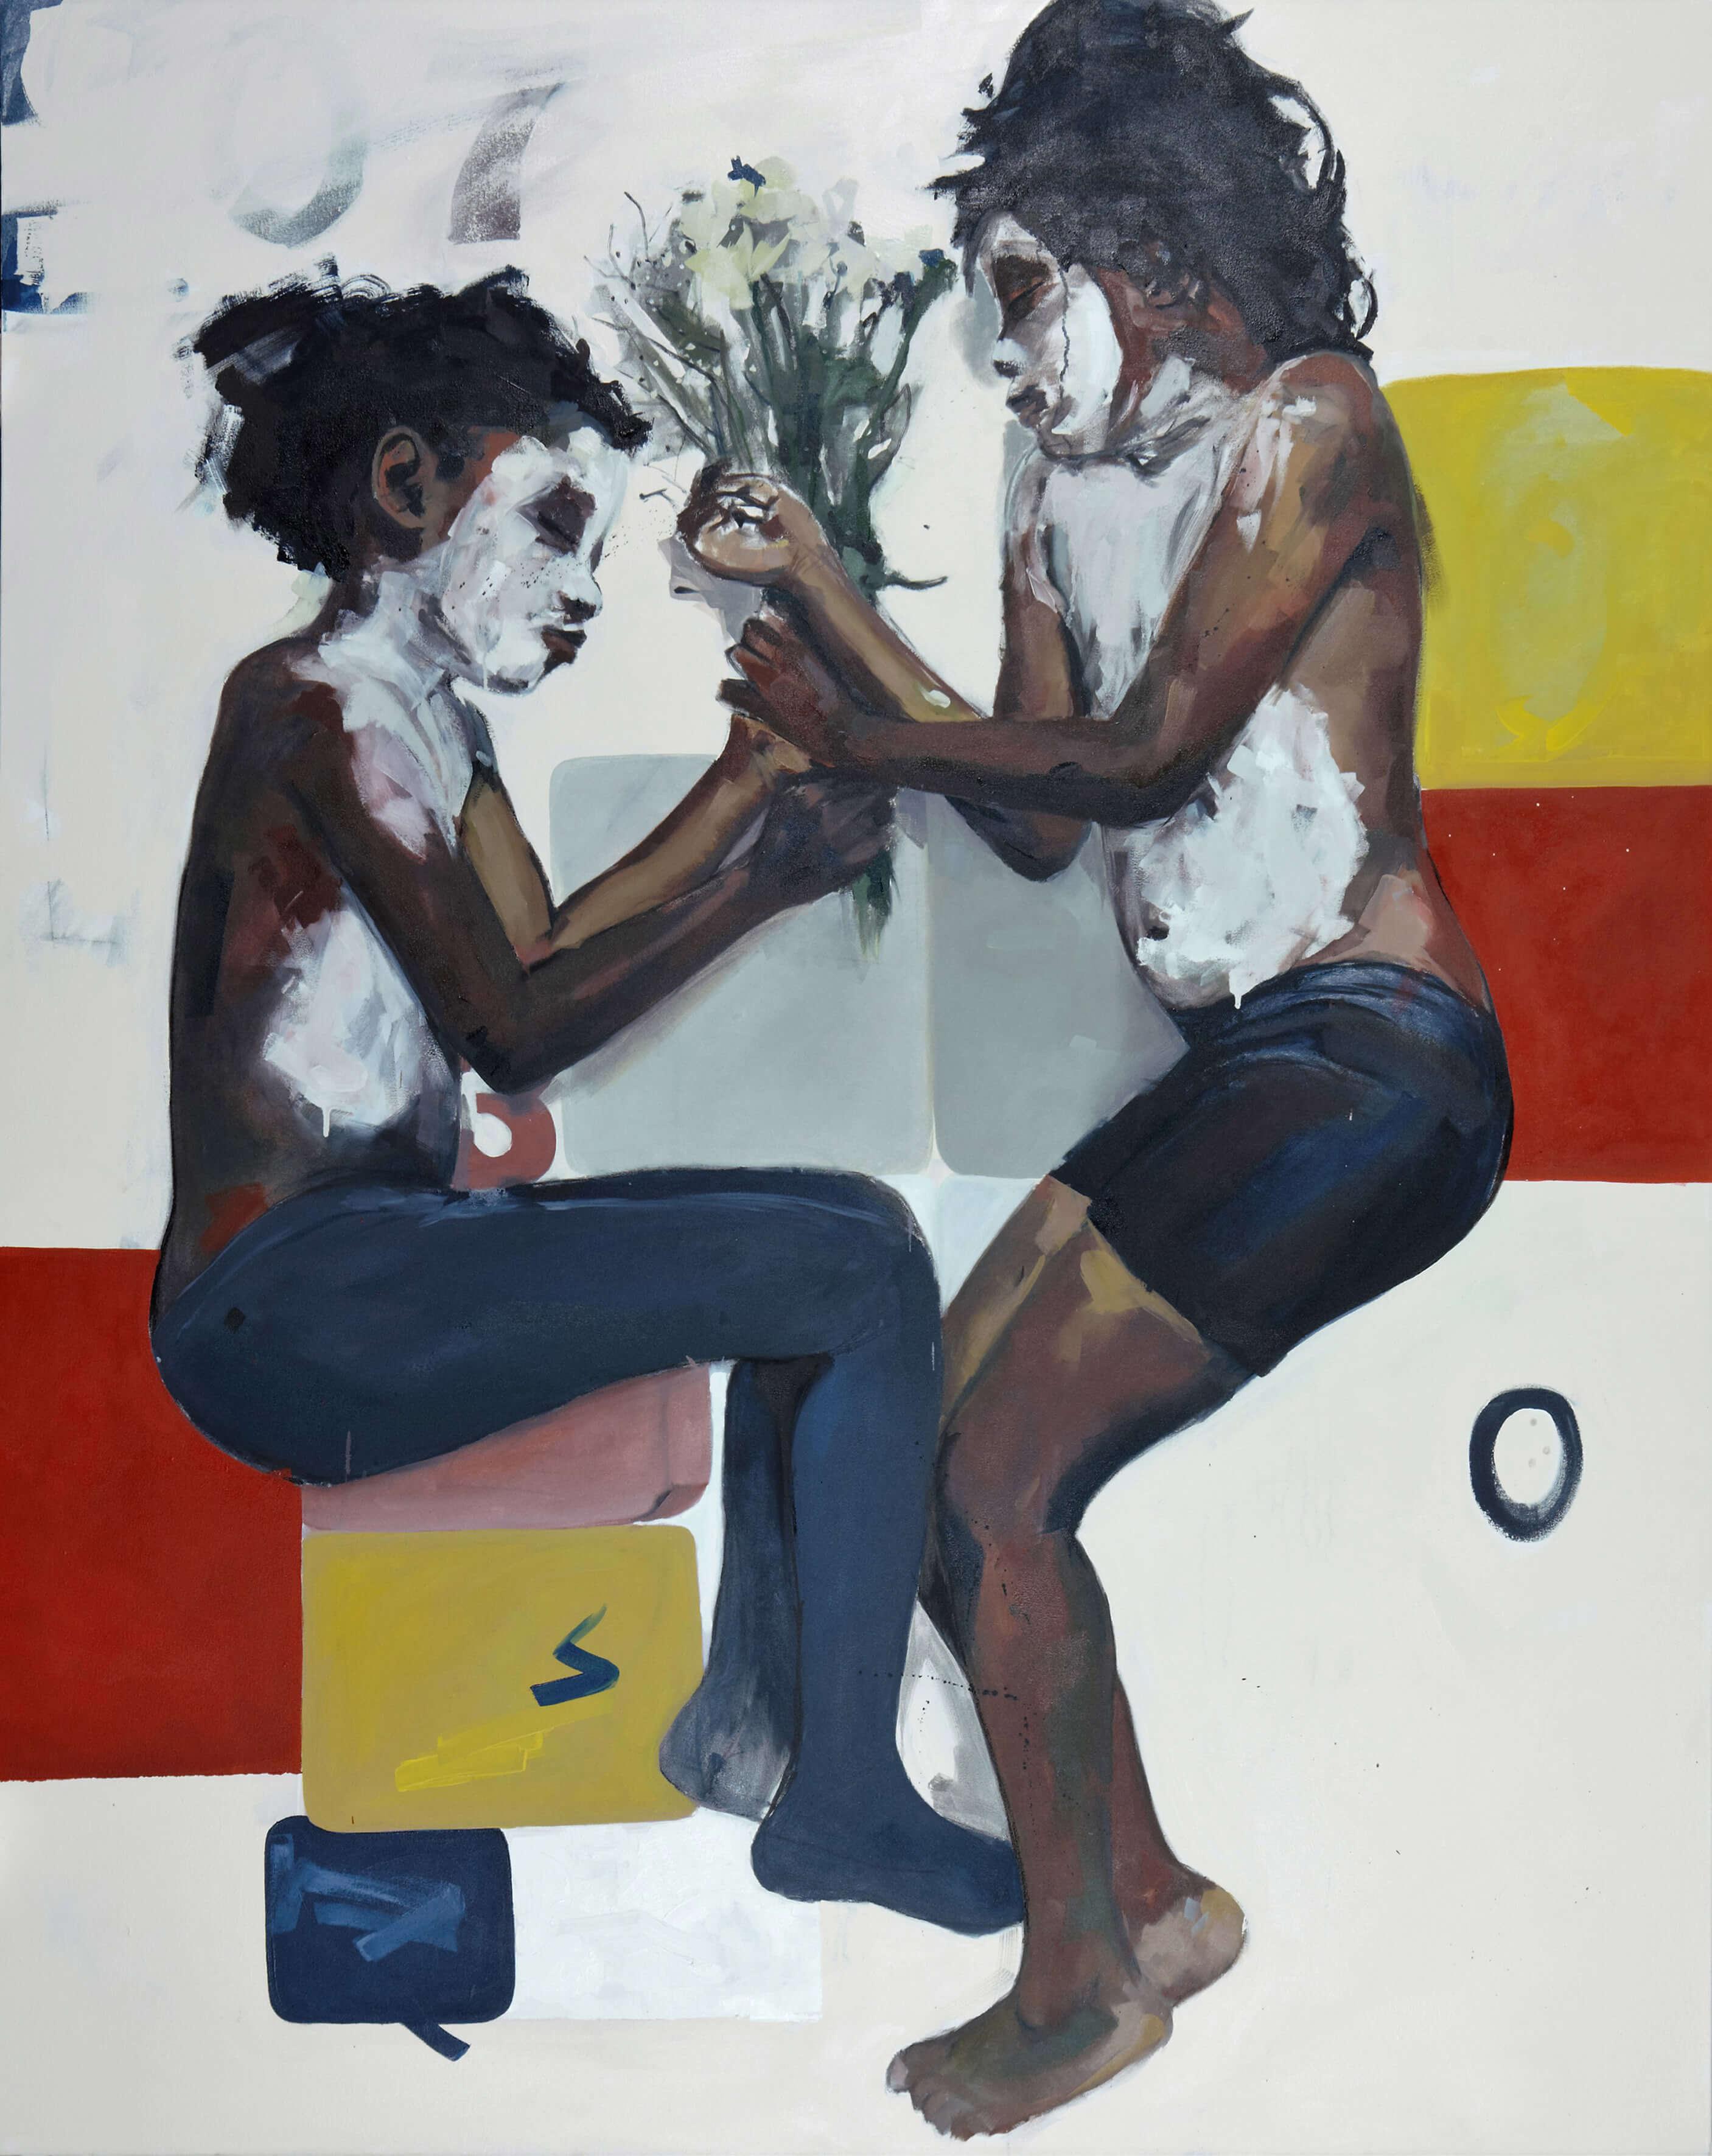 Kudzanai-Violet Hwami, Epilog [Rückkehr in den Garten], 2016, Öl und Acryl auf Leinwand, 214 x 170 cm, mit freundlicher Genehmigung der Tyburn Gallery